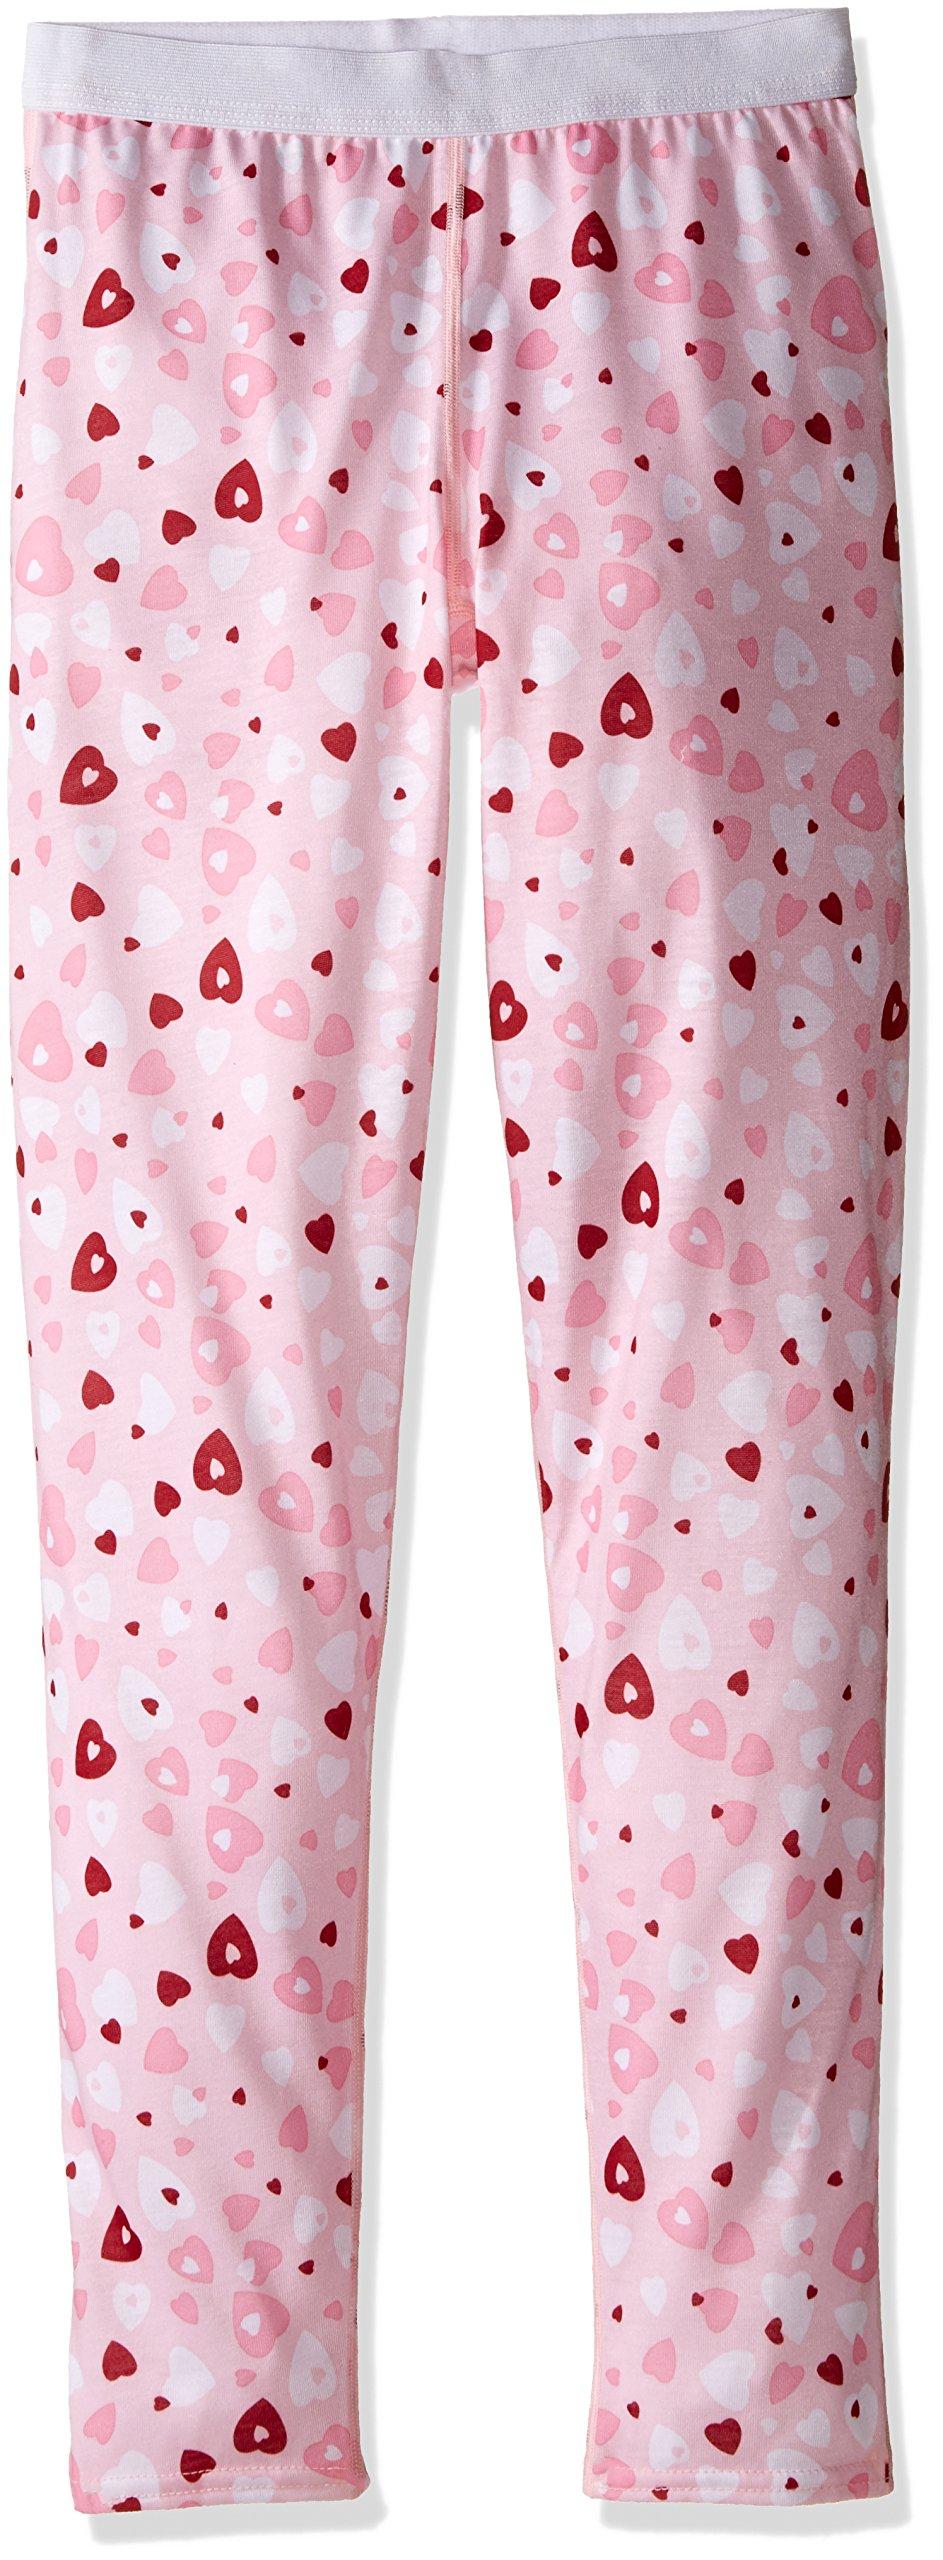 Hot Chillys Youth Pepper Skins Print Bottom, Heart Dance, Medium